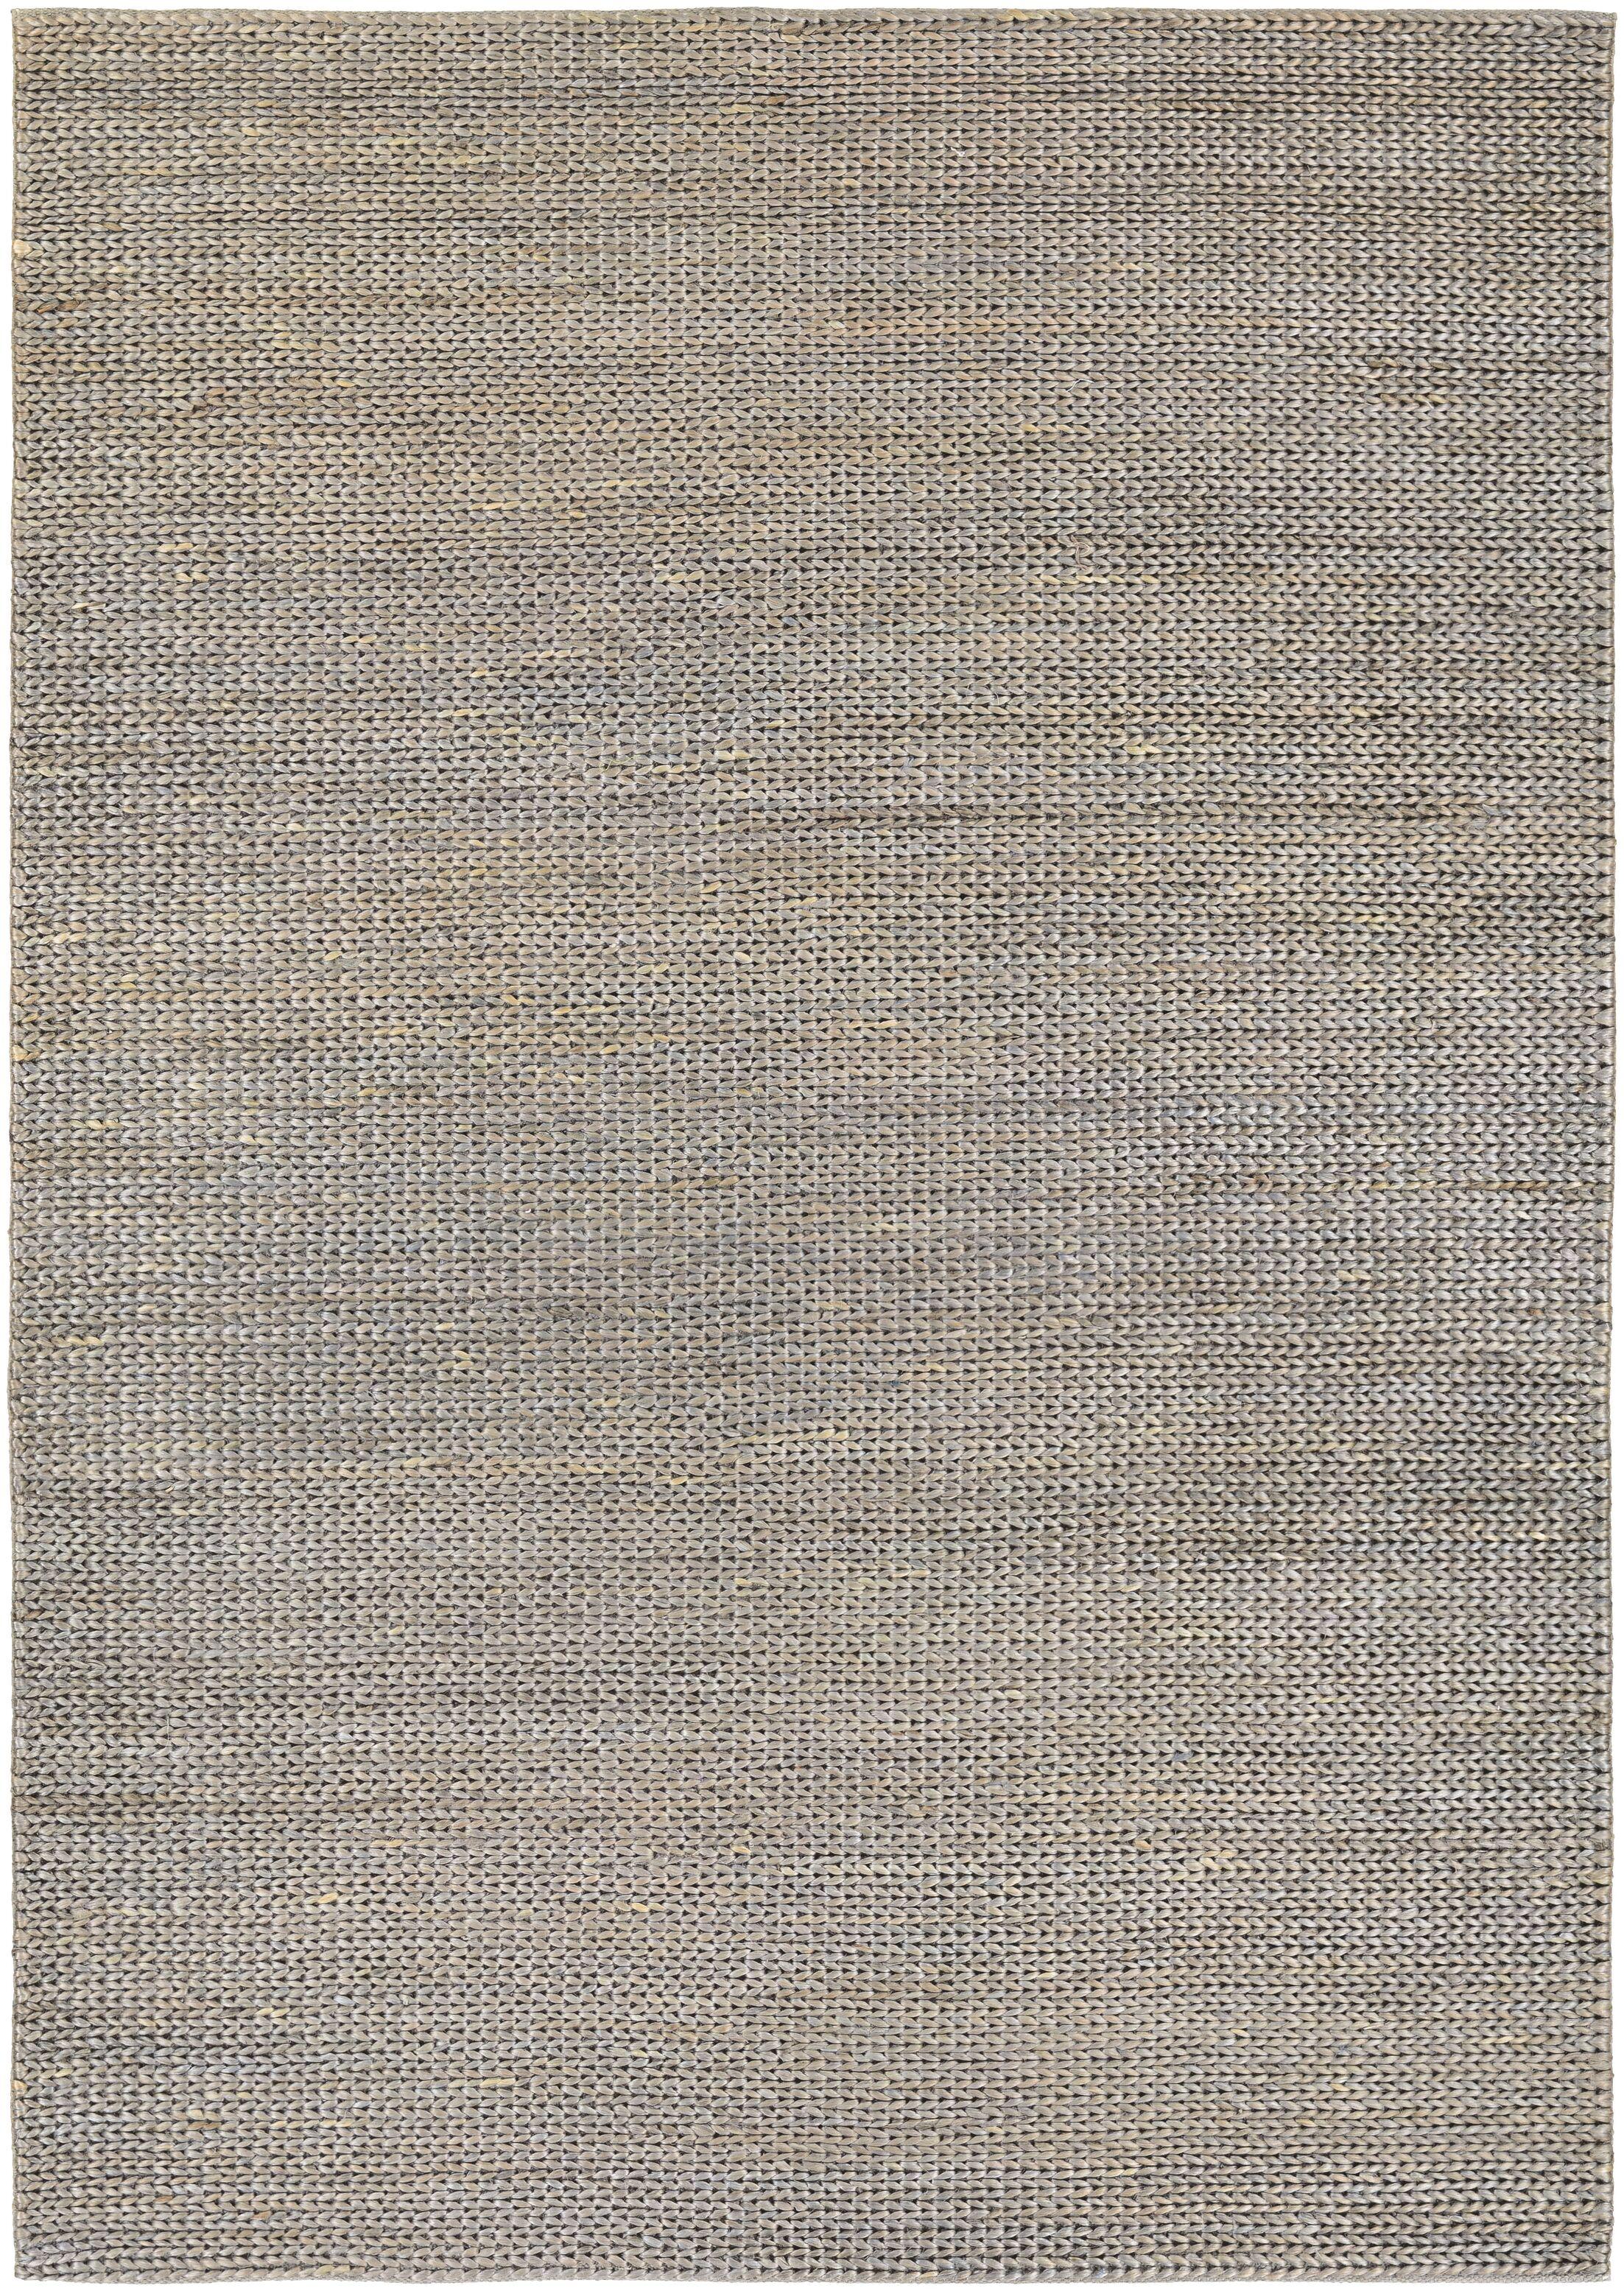 Uhlig Hand-Woven Gray/Tan Area Rug Rug Size: Rectangle 5'3